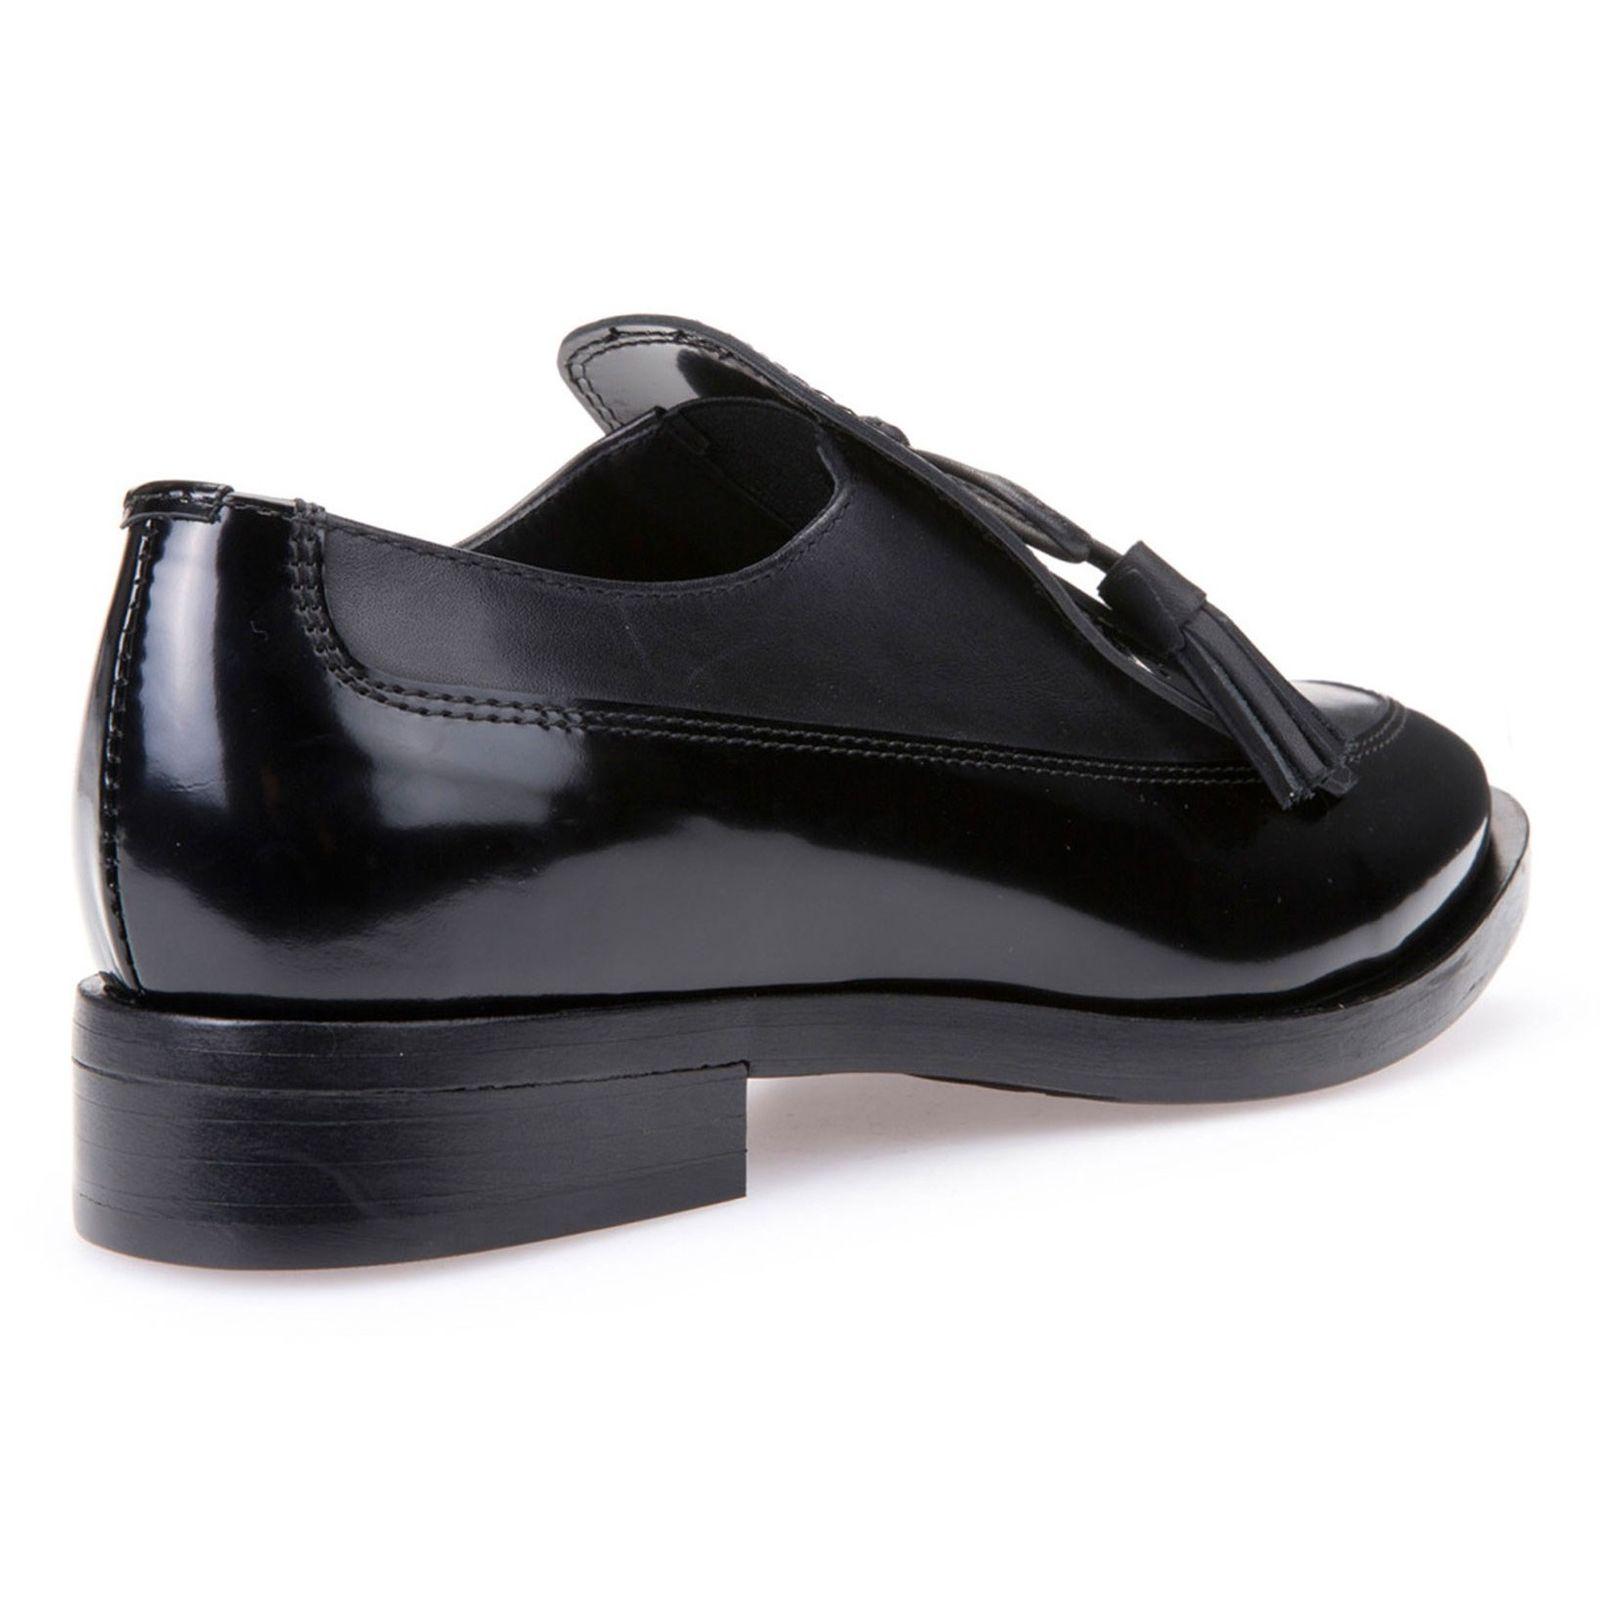 کفش تخت چرم زنانه - جی اوکس - مشکي - 6